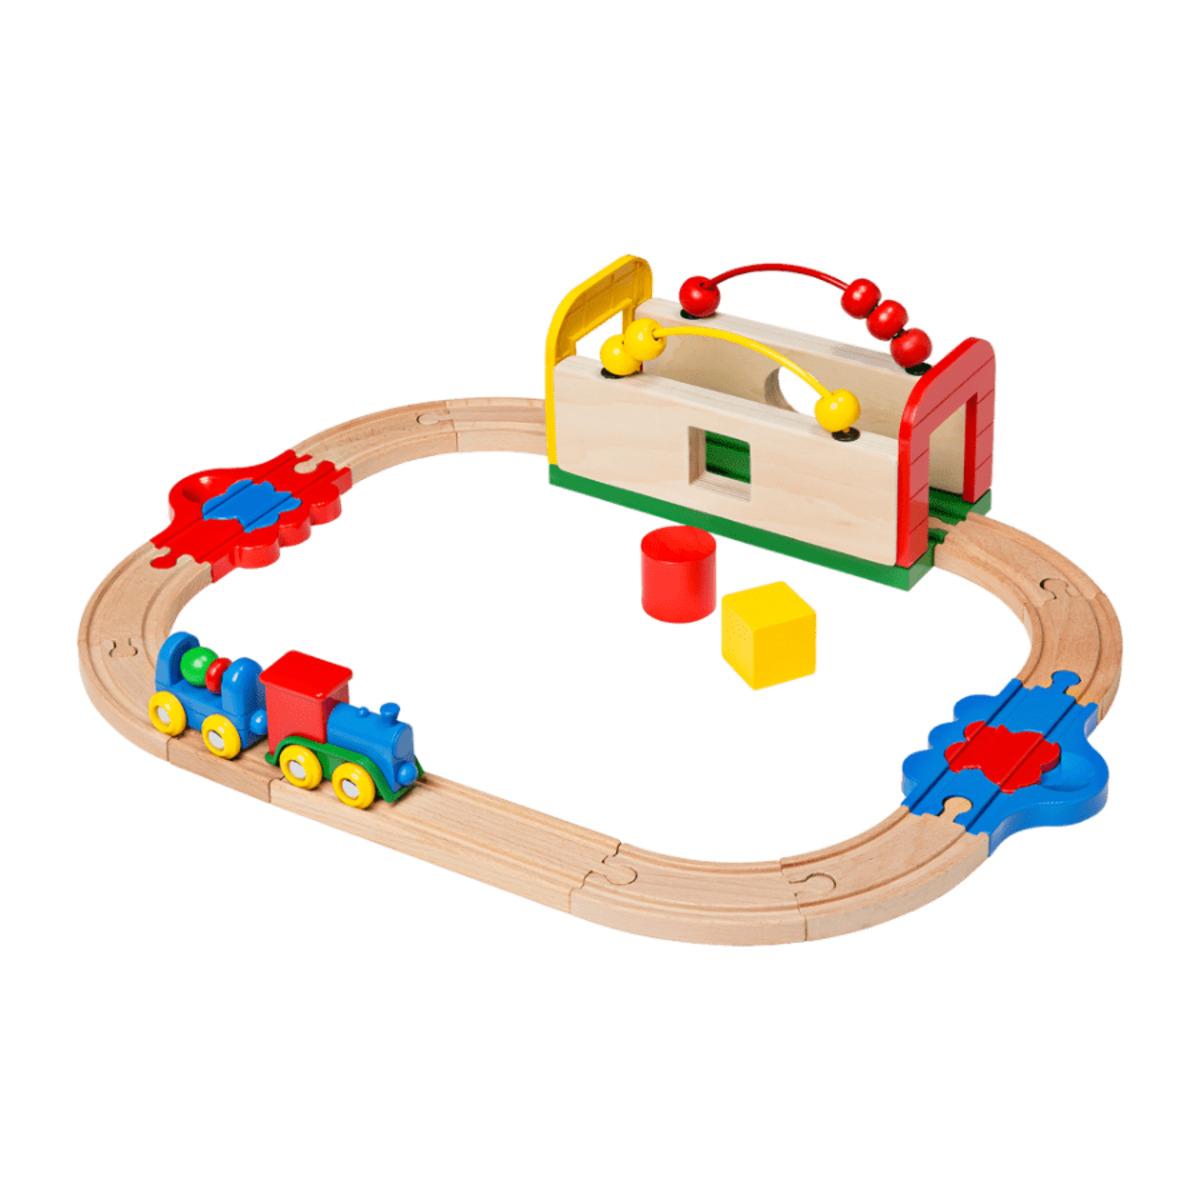 Bild 5 von PLAYLAND     Meine erste Holz-Eisenbahn